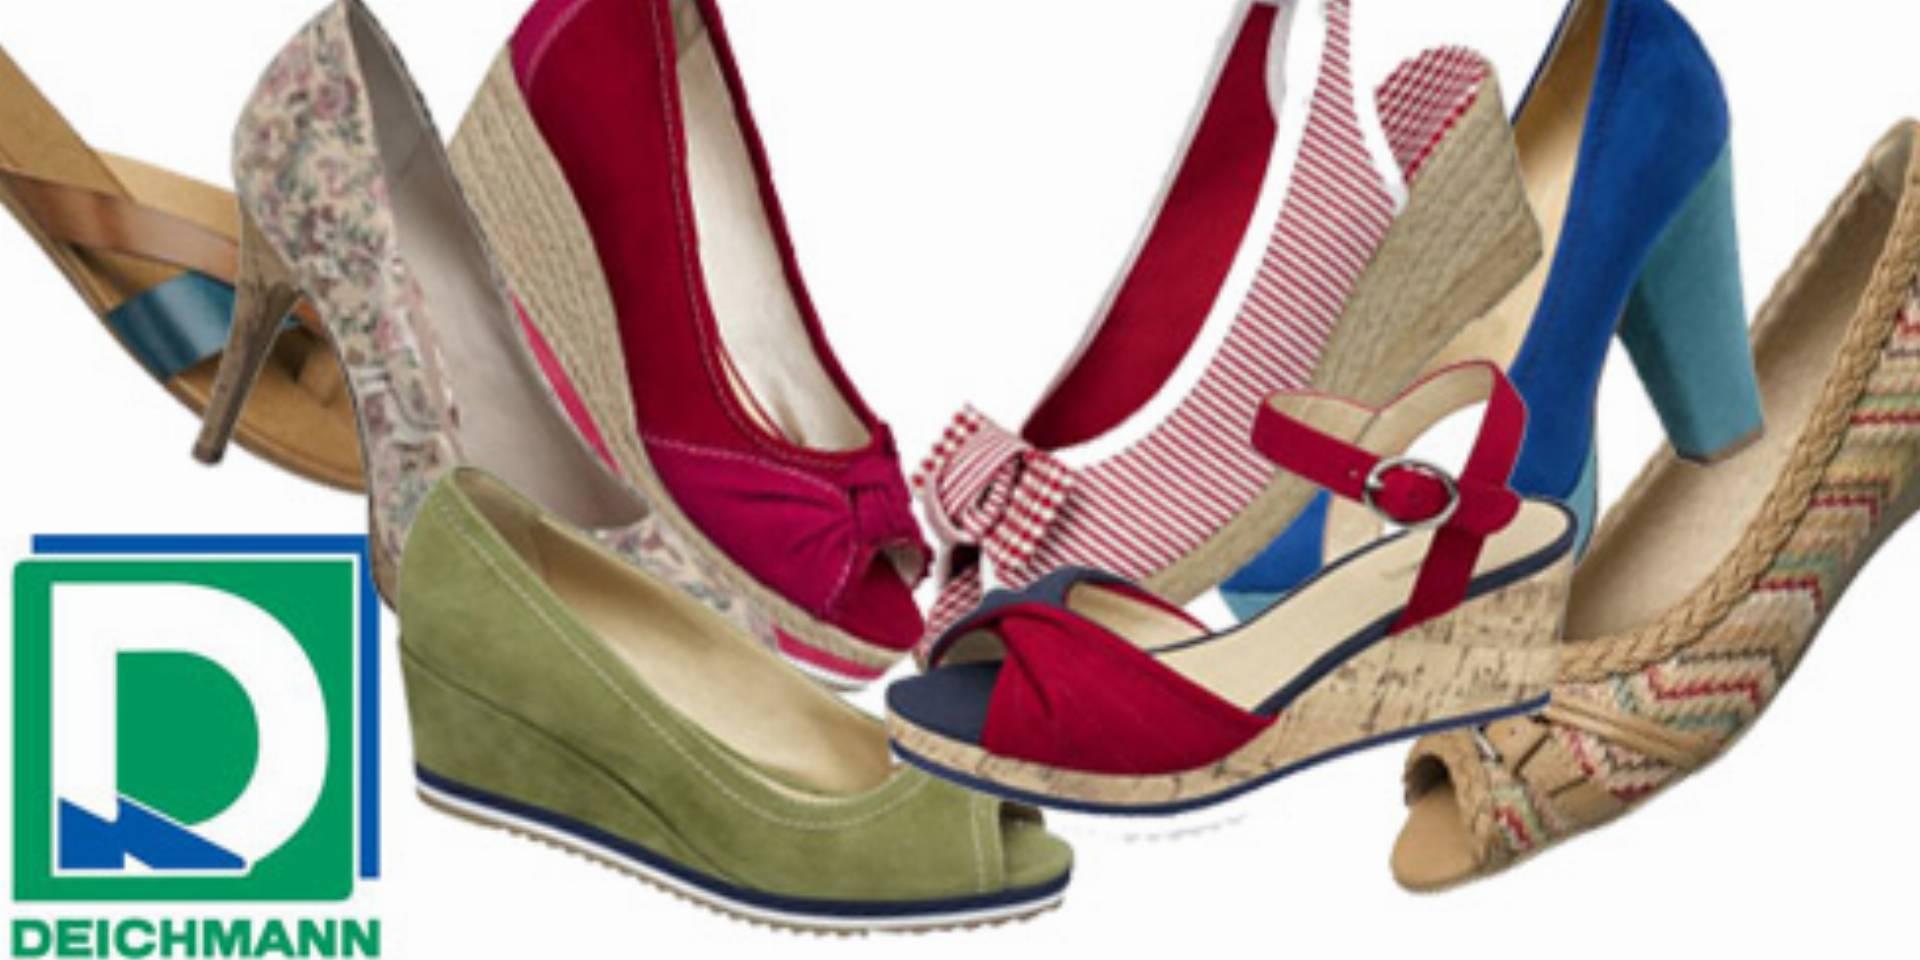 b2a6fe7e Deichmann buty - nowa kolekcja wiosna lato 2012: sandały, baleriny ...